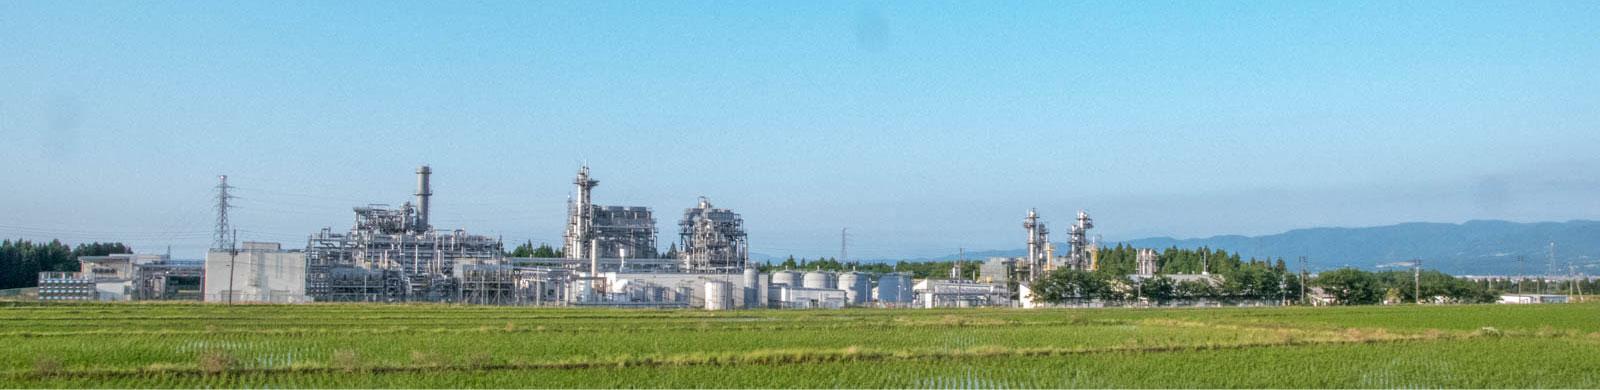 国際石油開発帝石